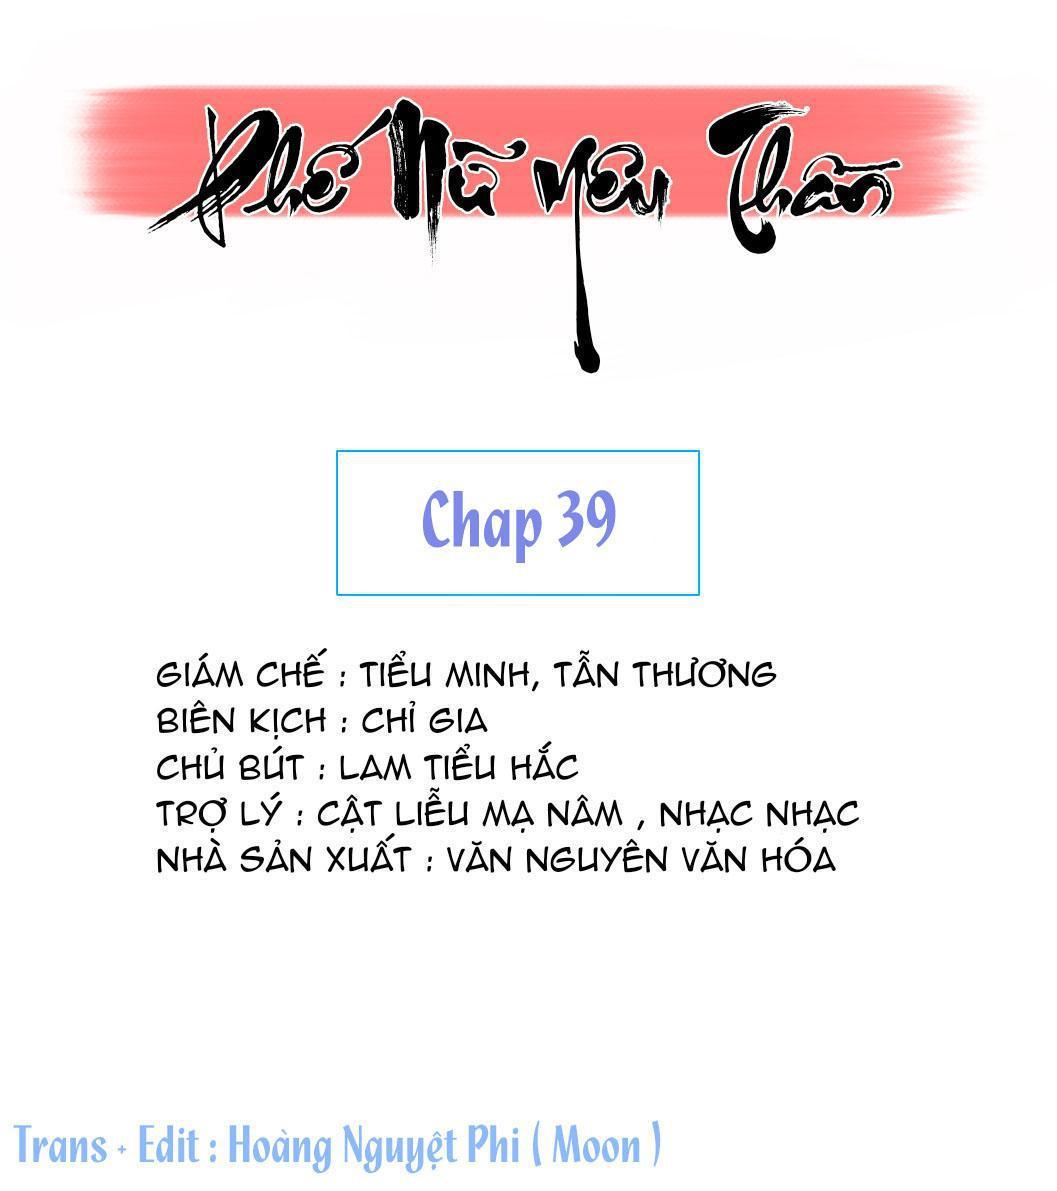 Phế nữ yêu thần: Chap 38